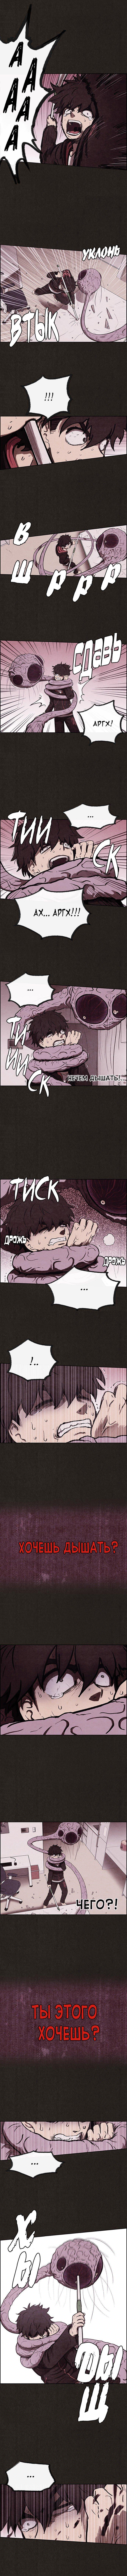 Манга Милый дом / Sweet Home (HWANG Youngchan) - Том 1 Глава 14 Страница 4